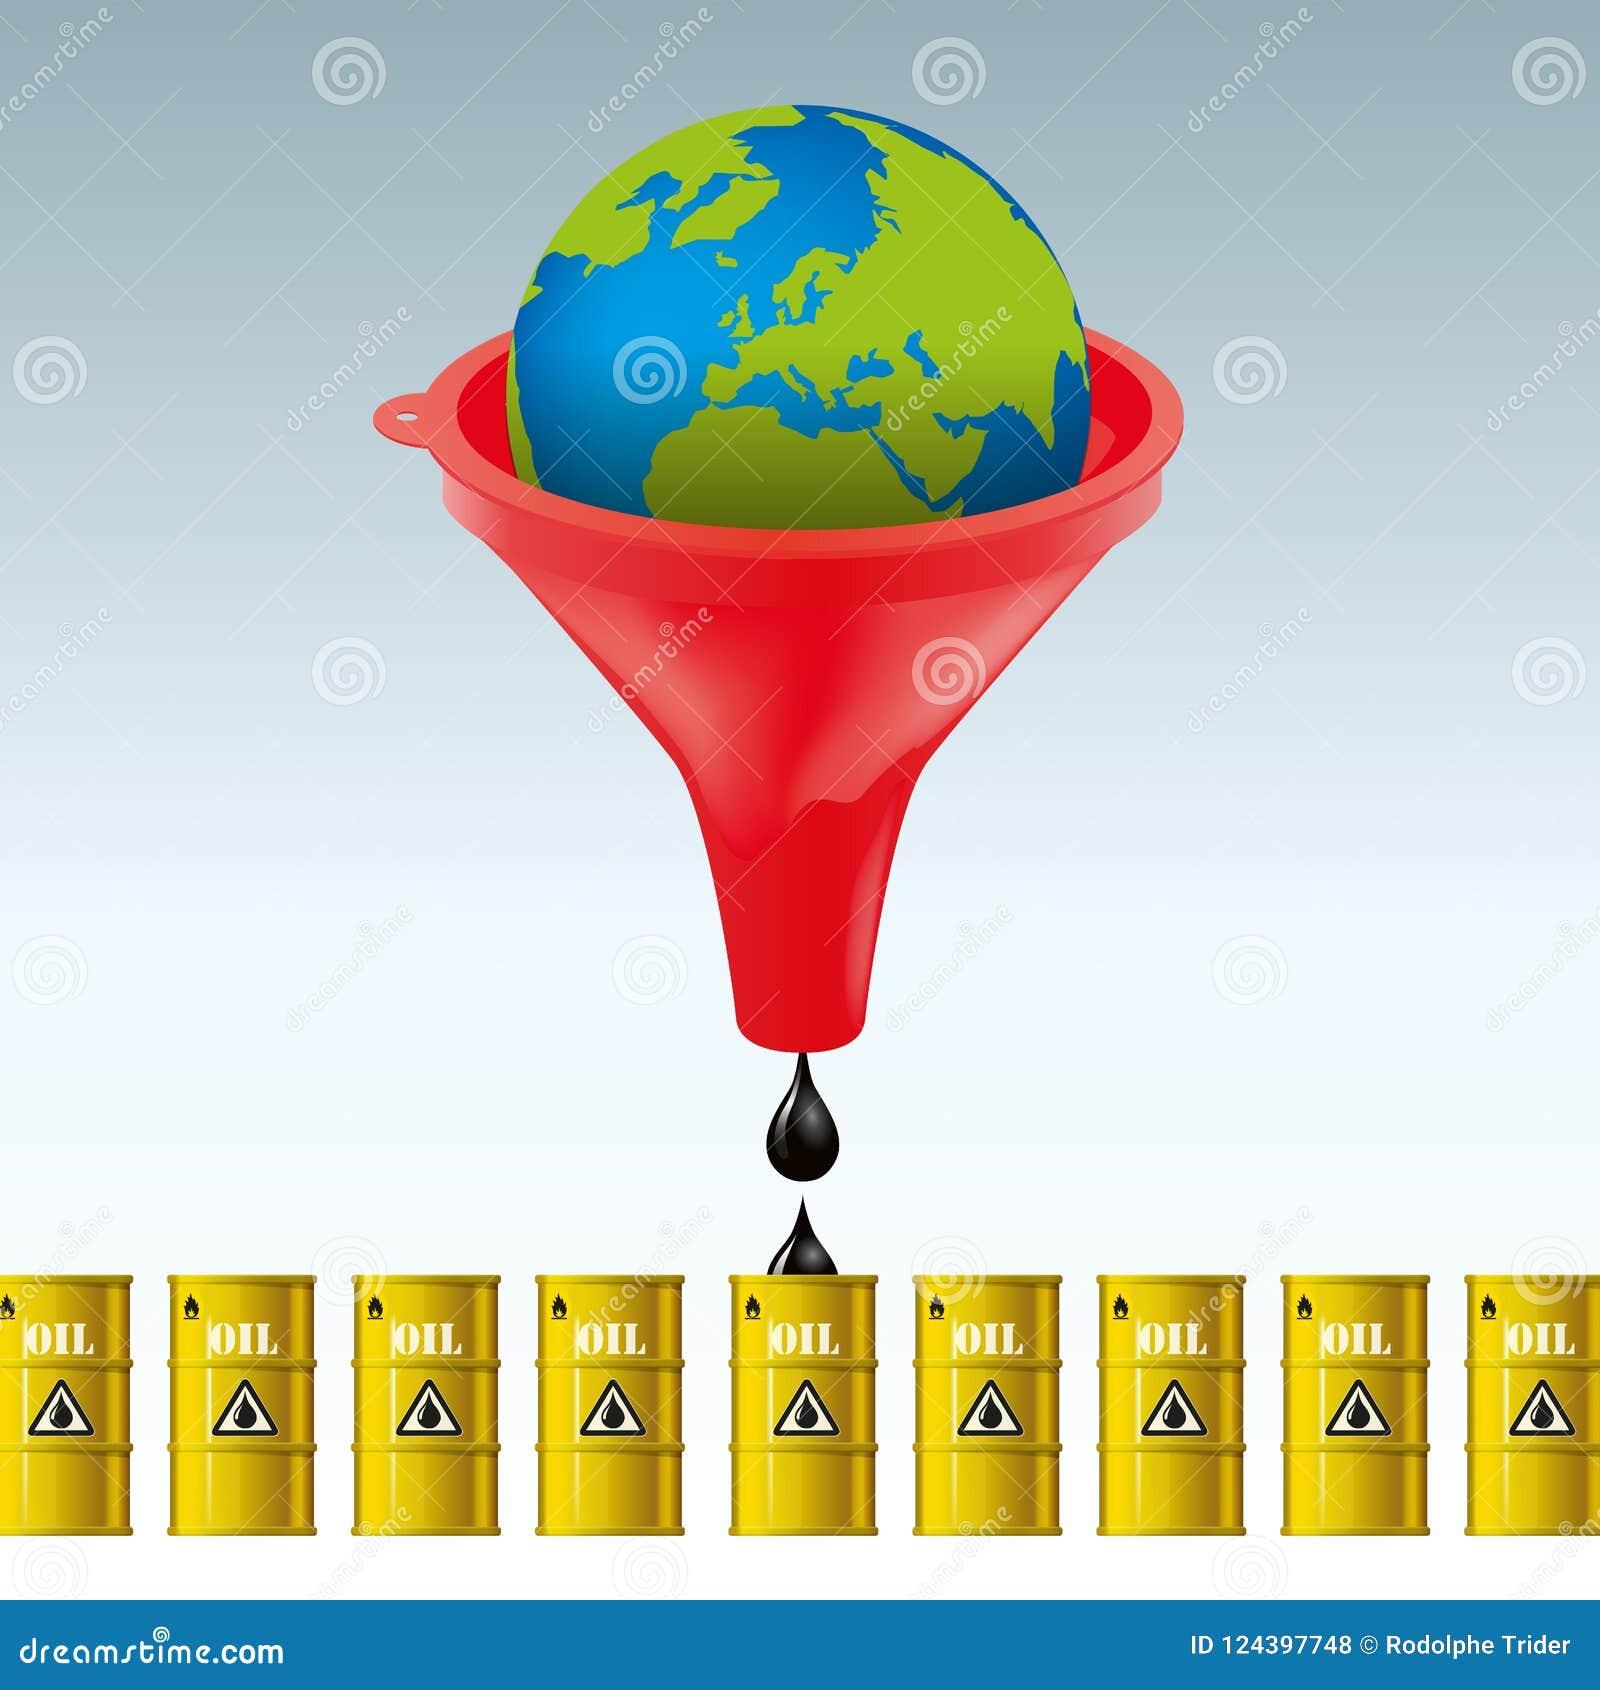 Planet's石油储备的过份开发的概念金融权益的